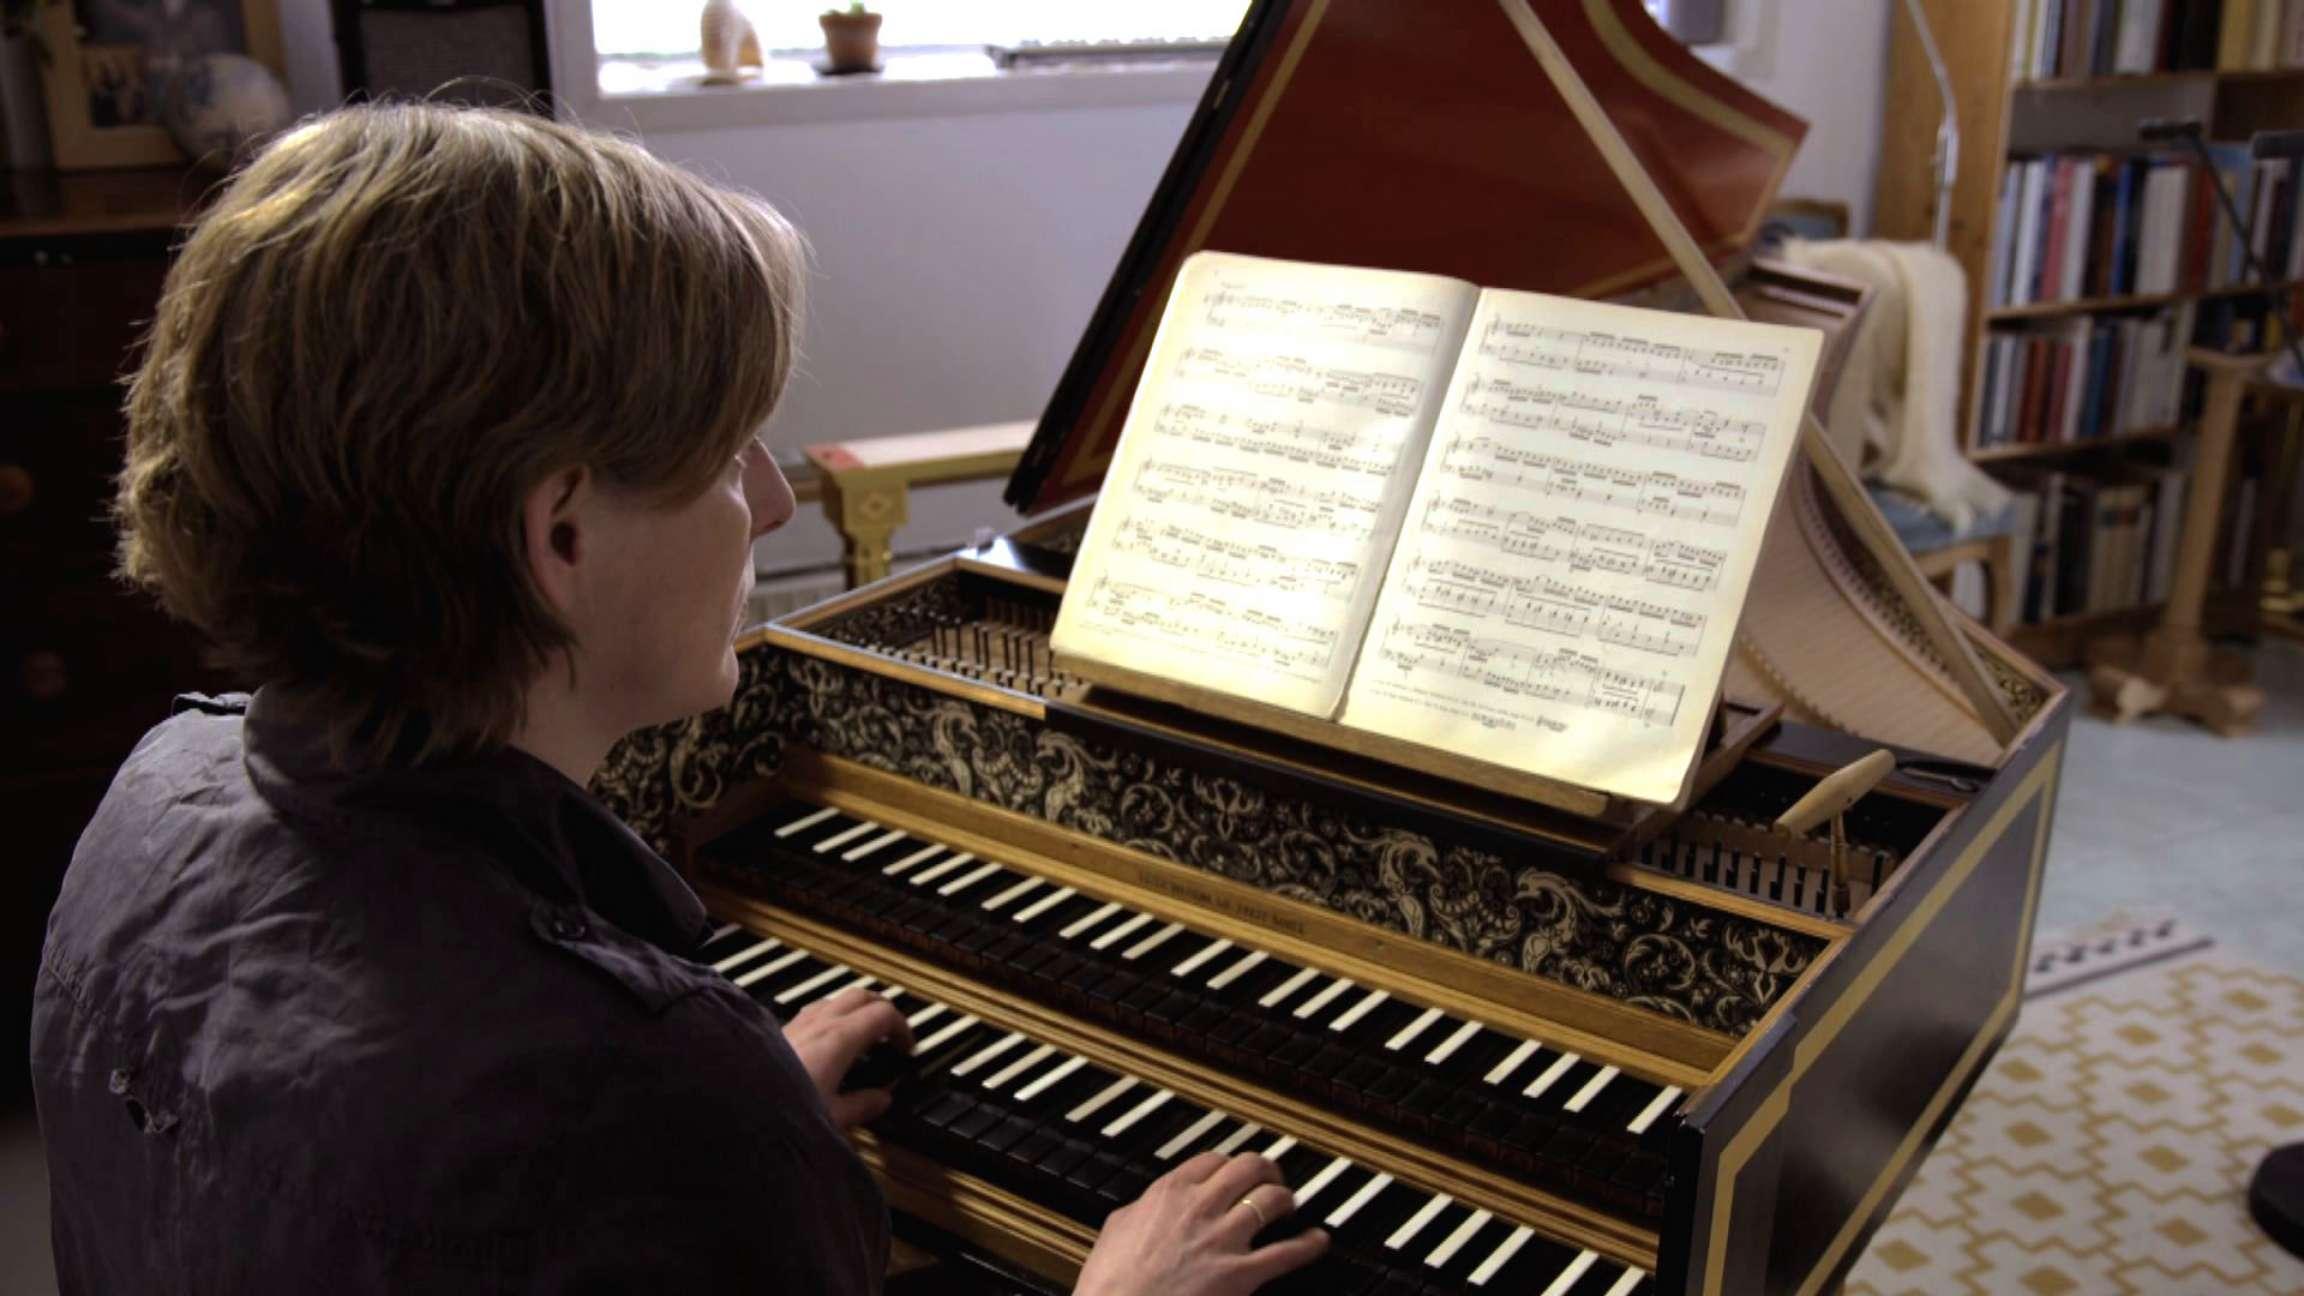 Das Wohltemperirte Clavier I nr. 6 in d klein